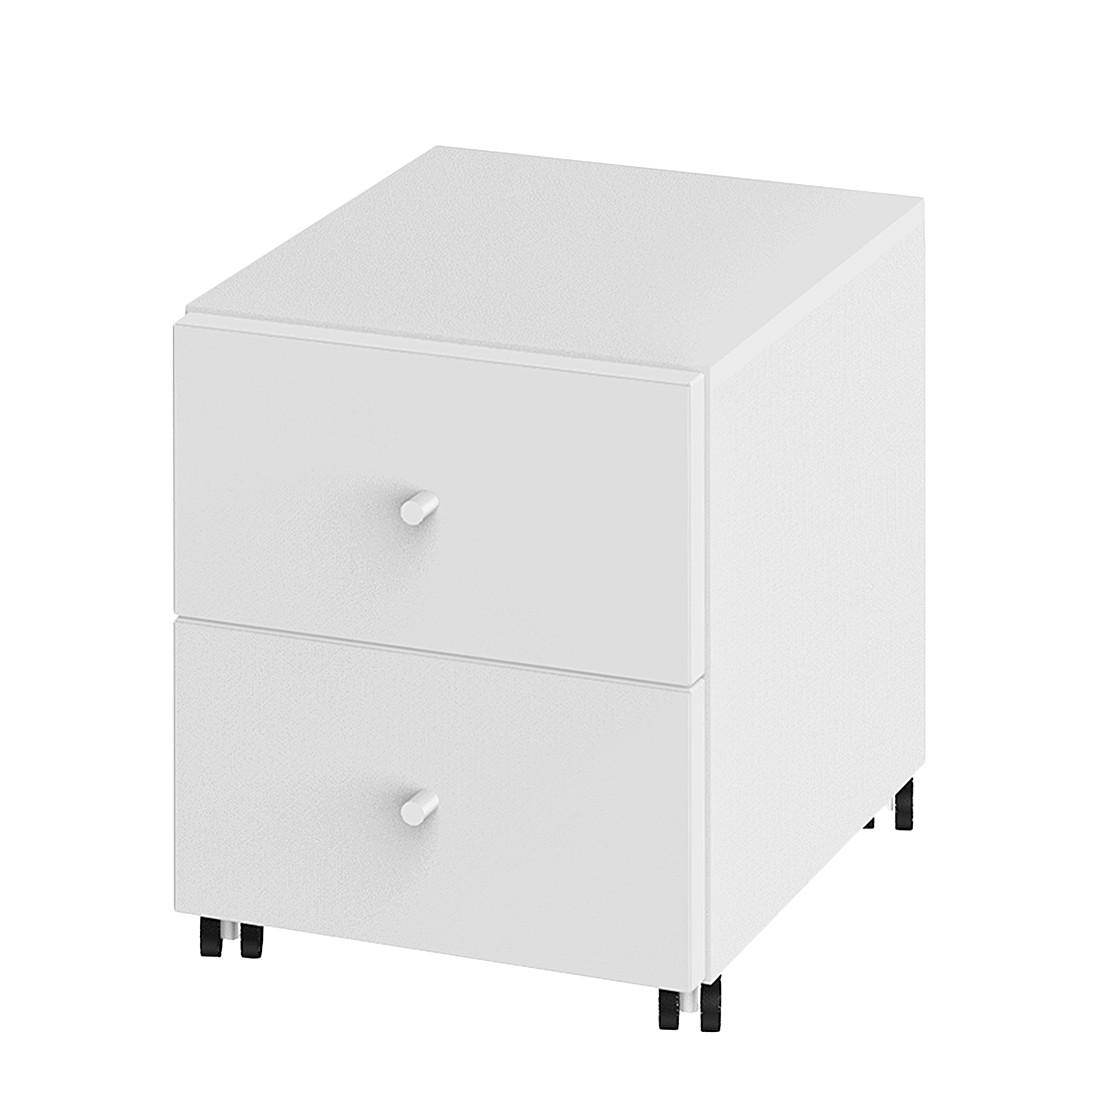 Rollcontainer HiLight I – Weiß, röhr günstig online kaufen